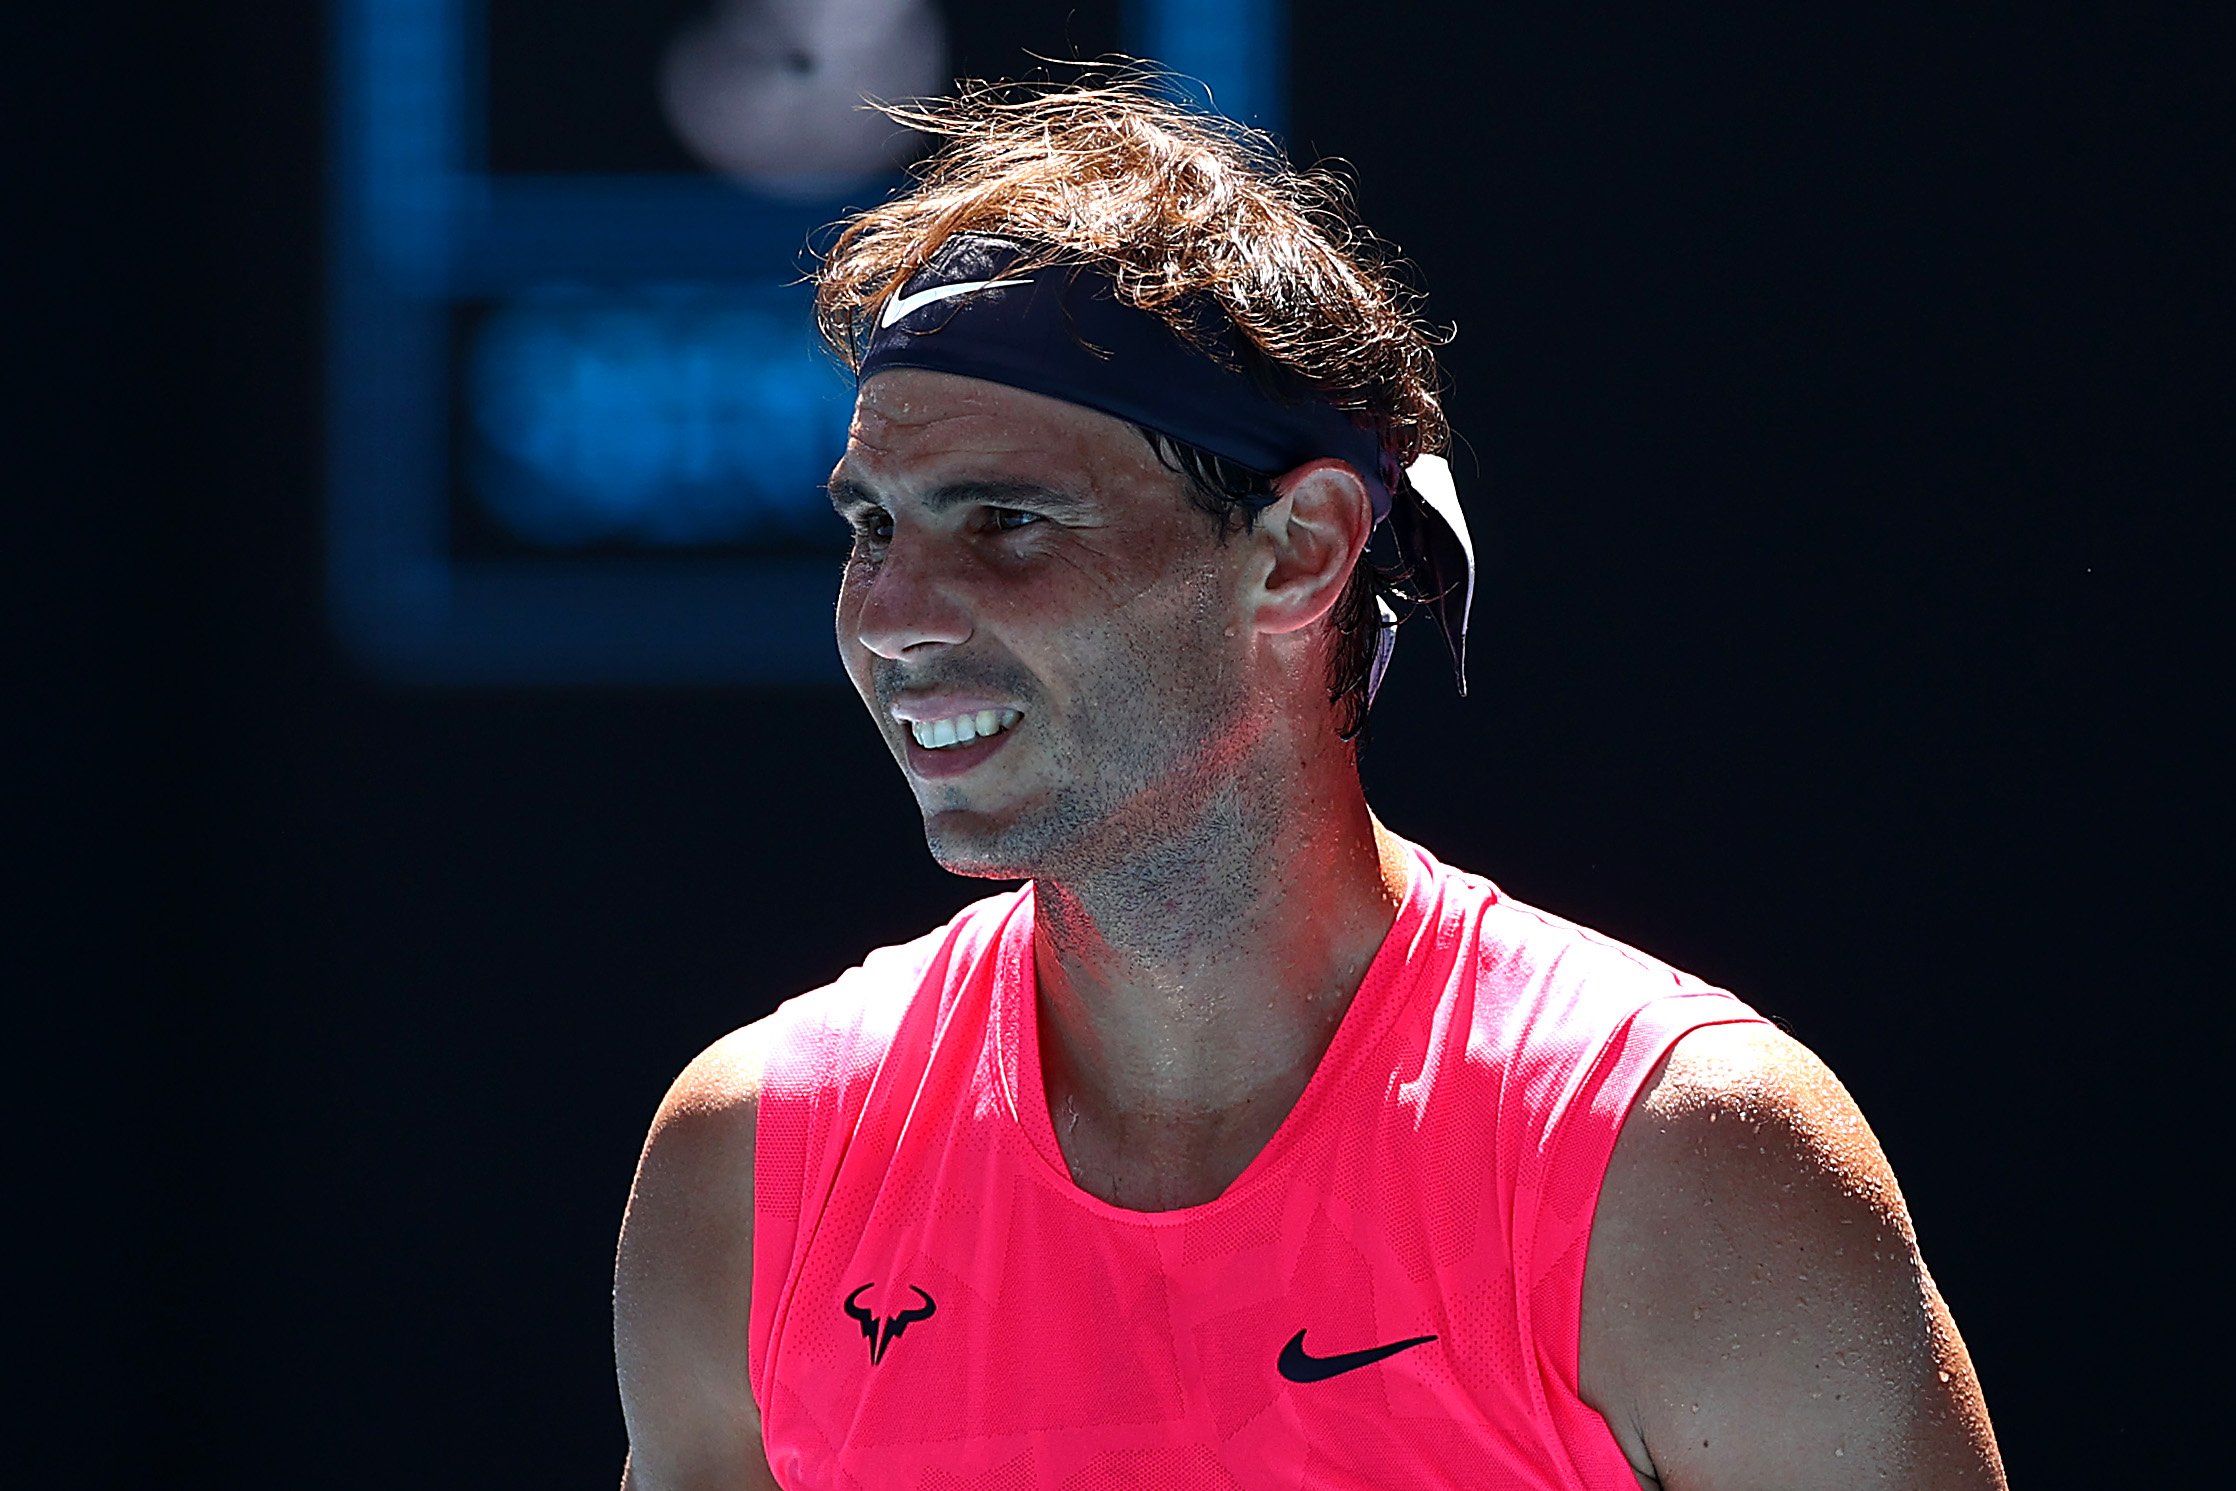 Rafael Nadal quer aproveitar 'ao máximo' os últimos anos no tênis profissional